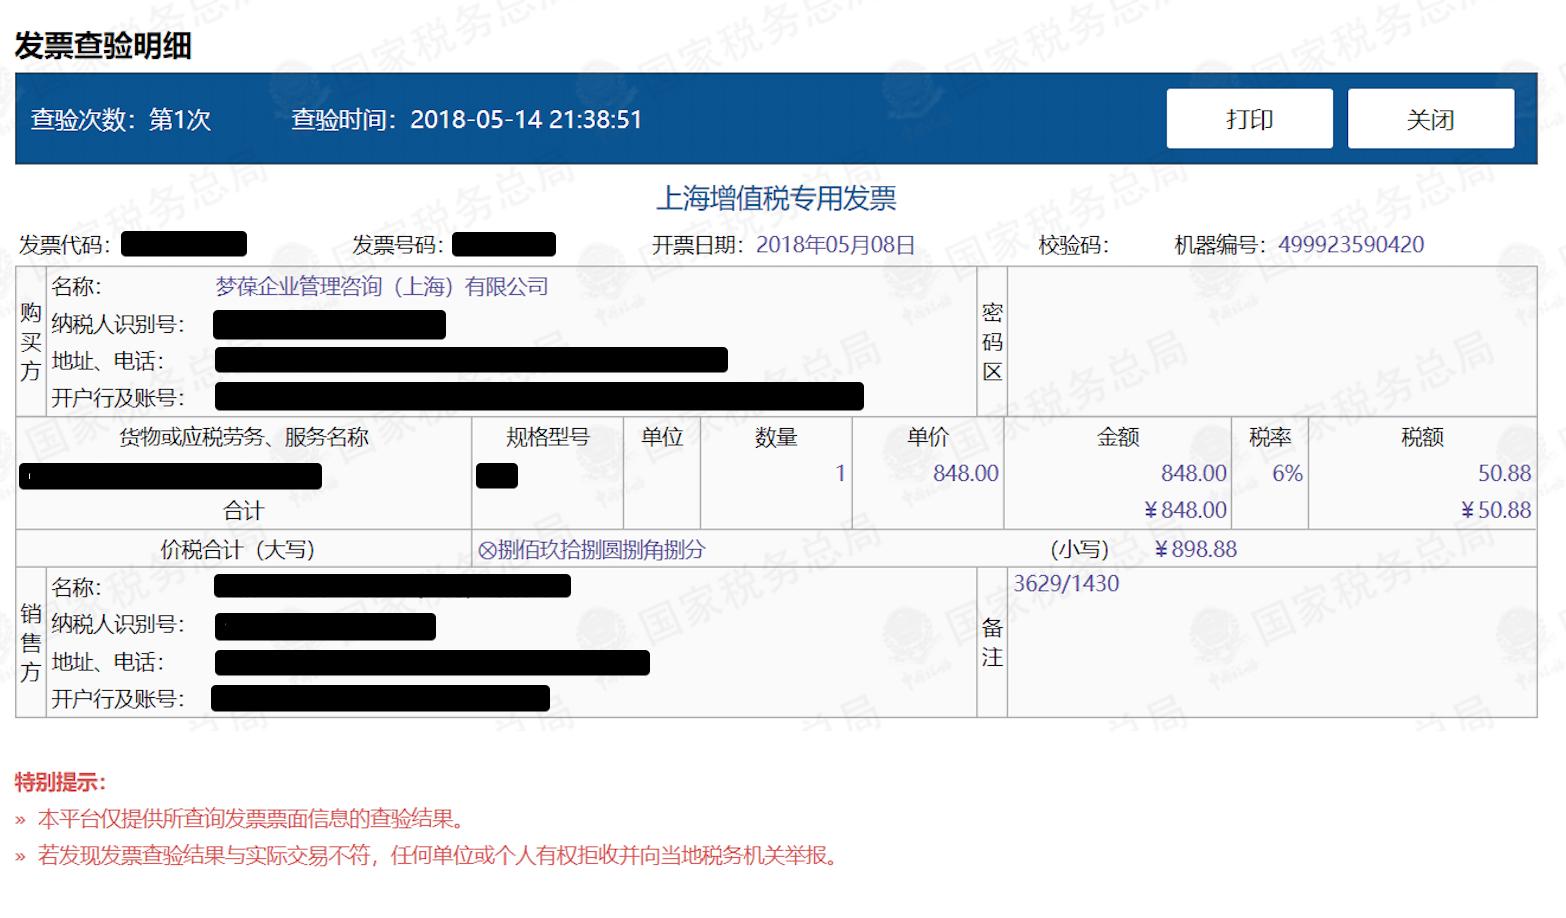 増値税発票検索システム3